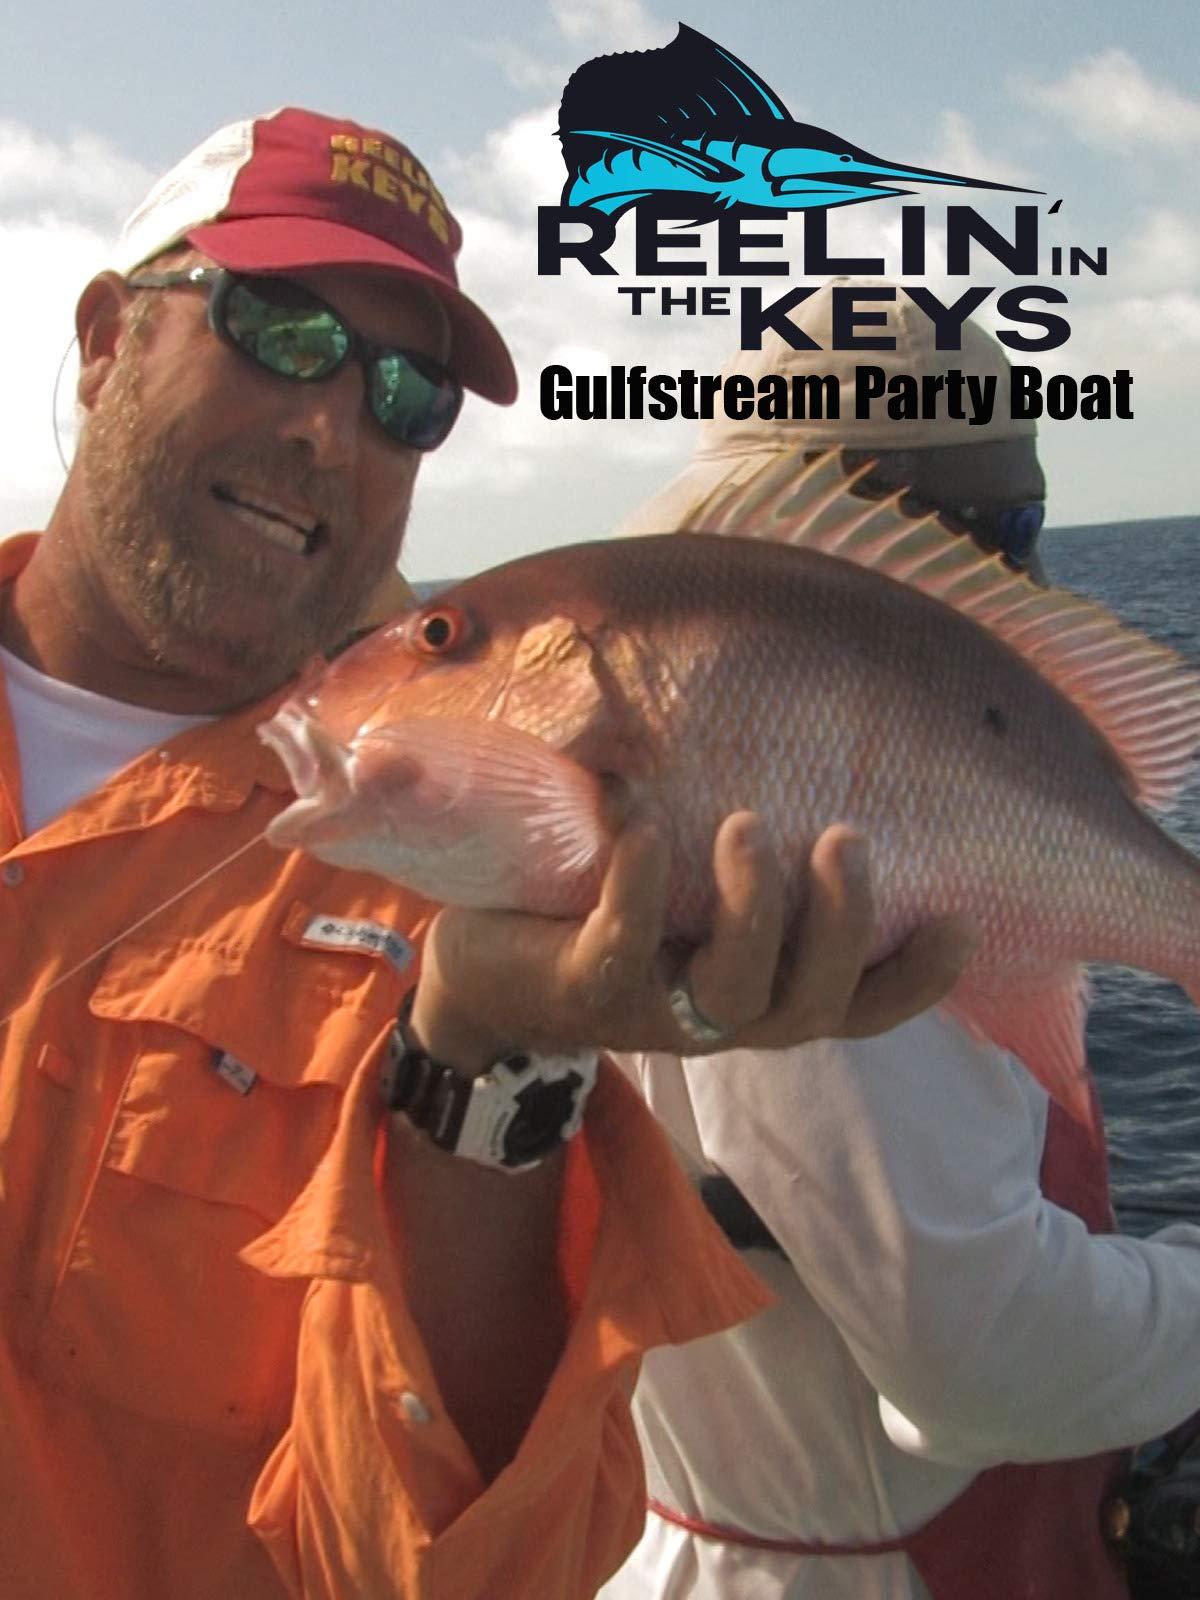 Reelin' In The Keys Gulfstream Party Boat